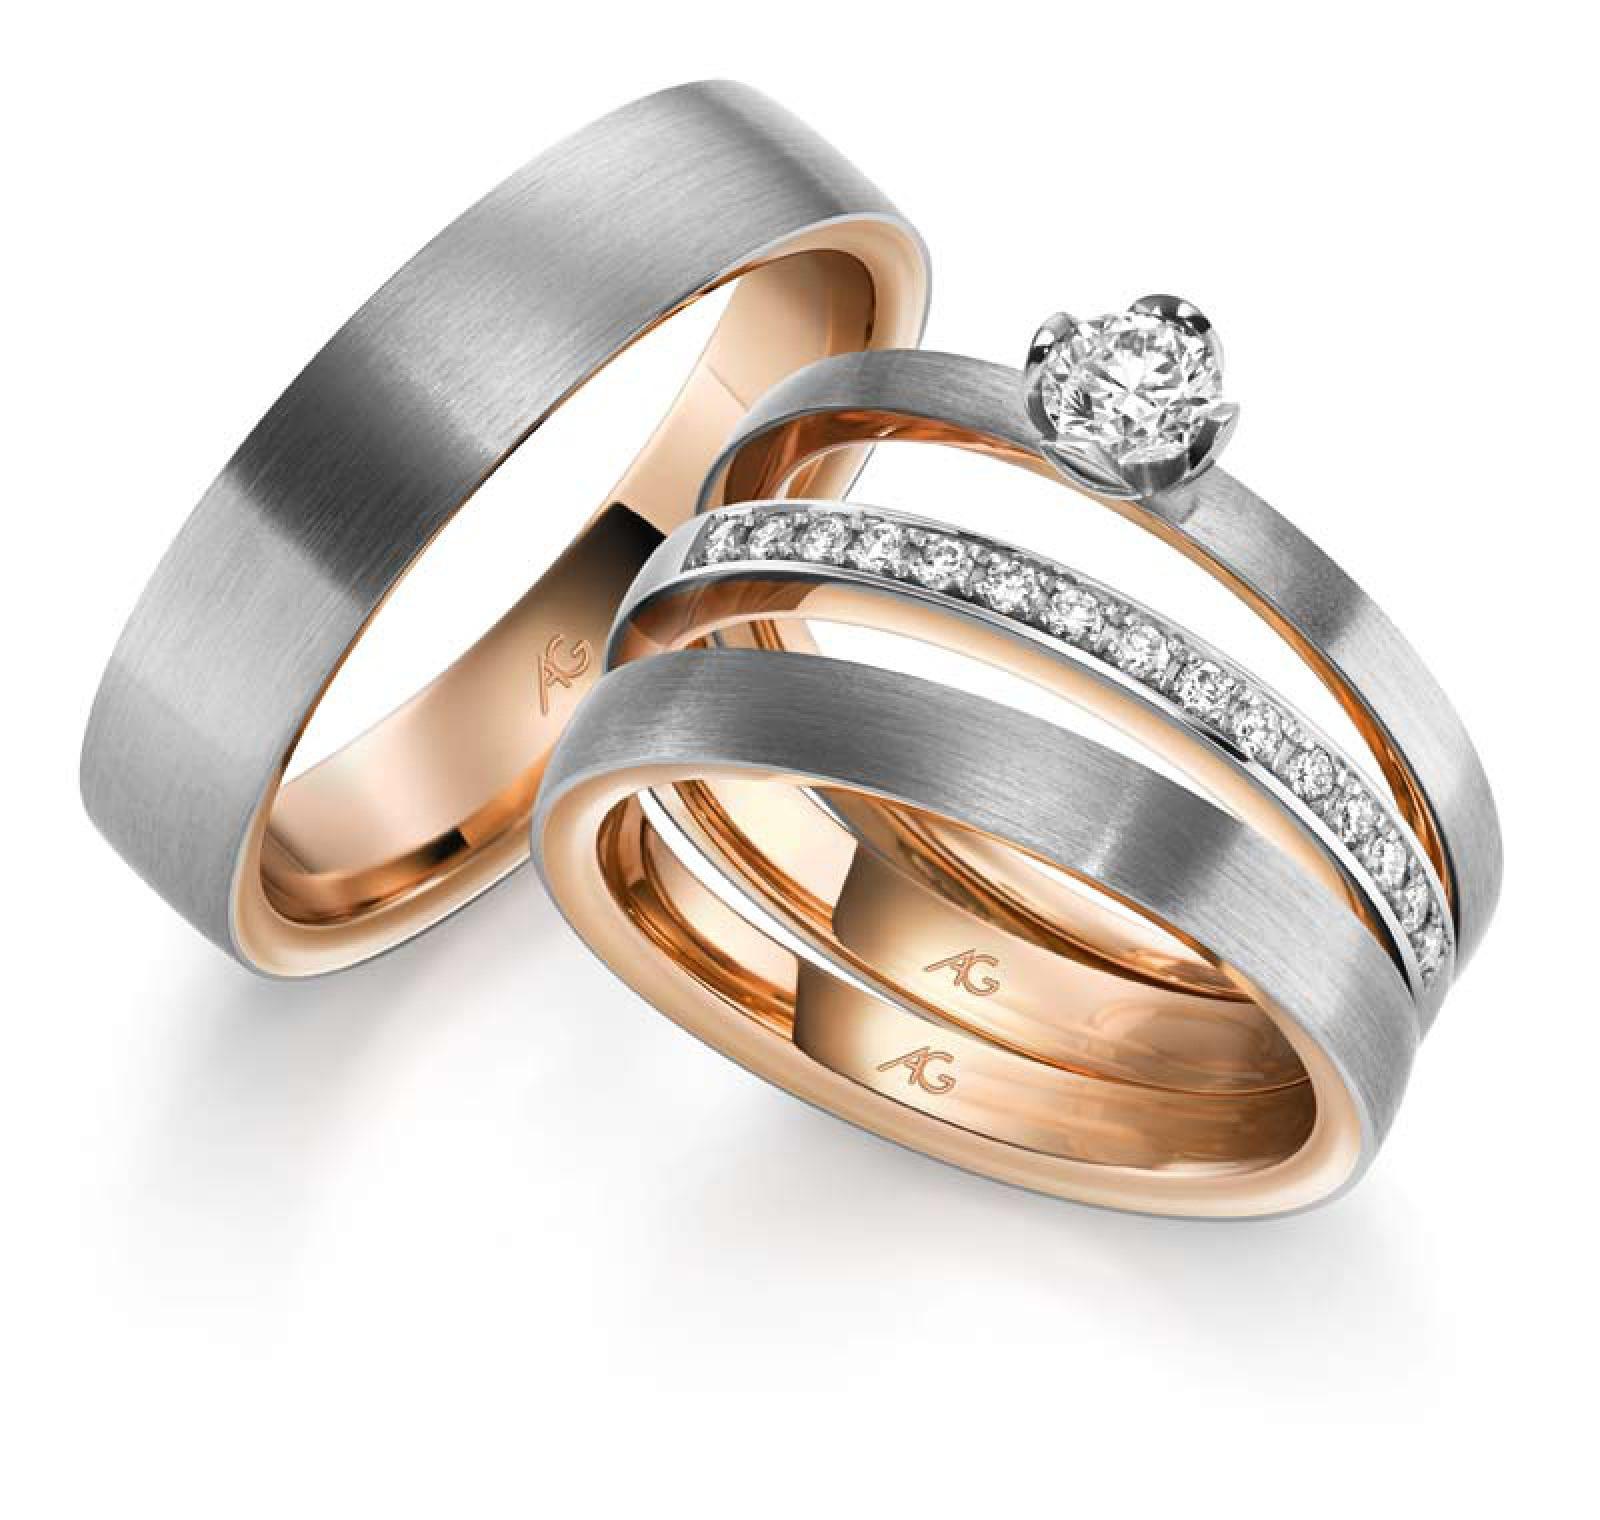 Startseite - Ihr Fachgeschäft Für Eheringe, Antragsringe Und